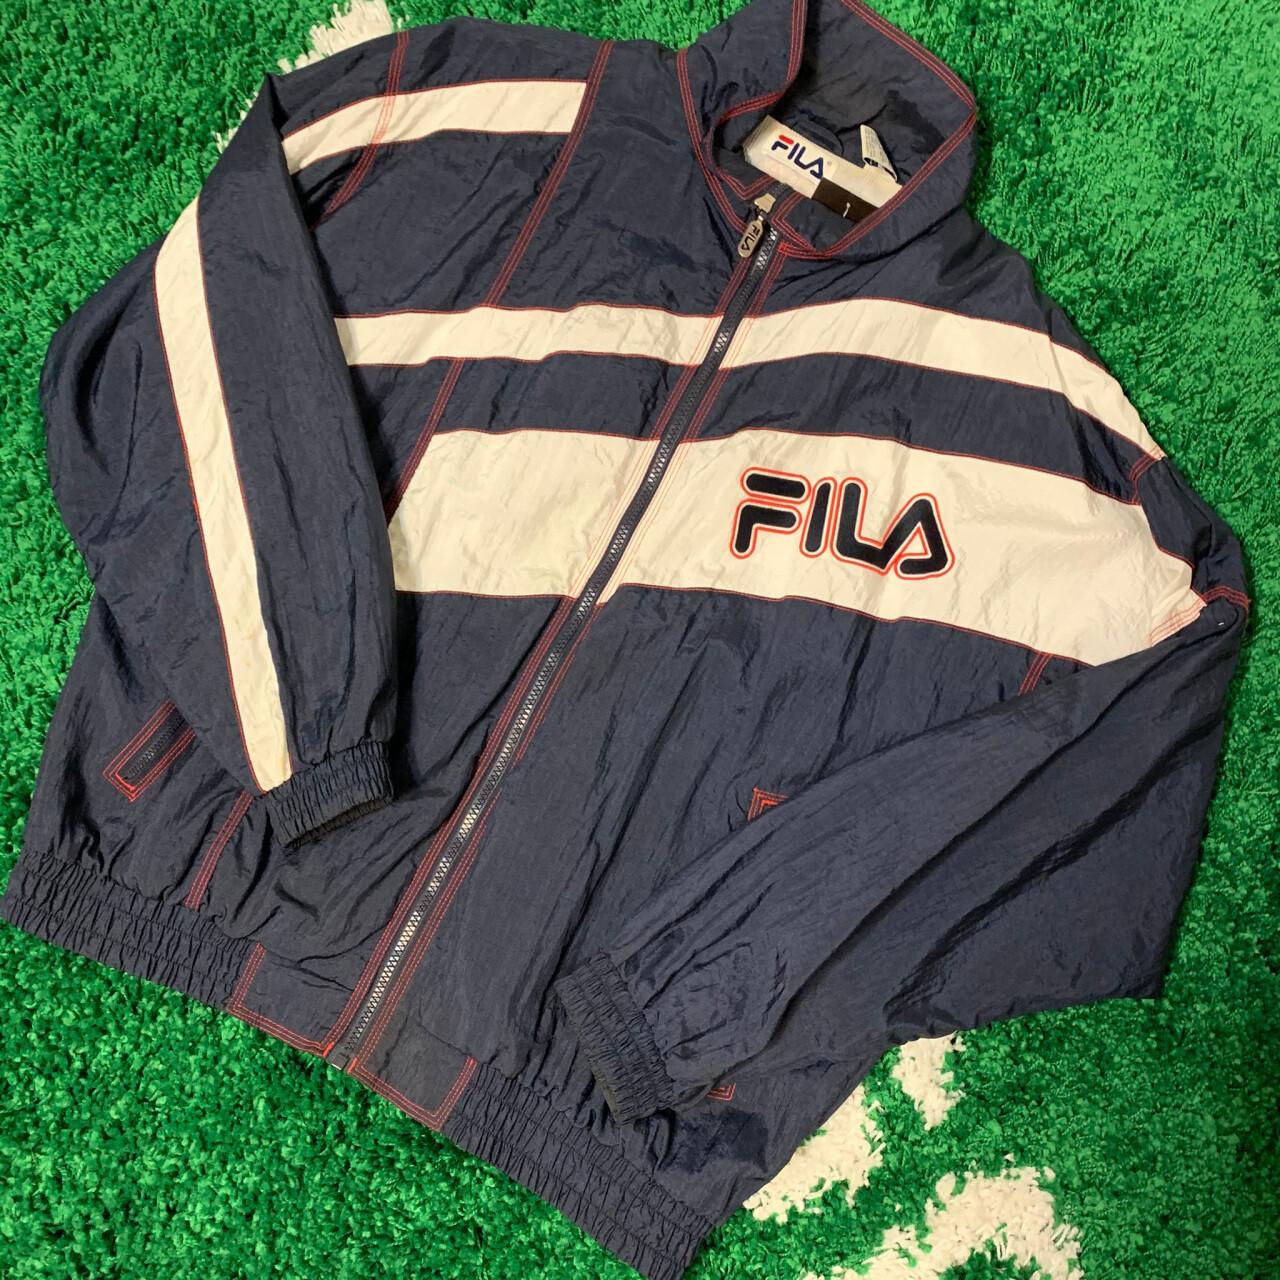 Fila Jacket 90's Navy/White Size Large